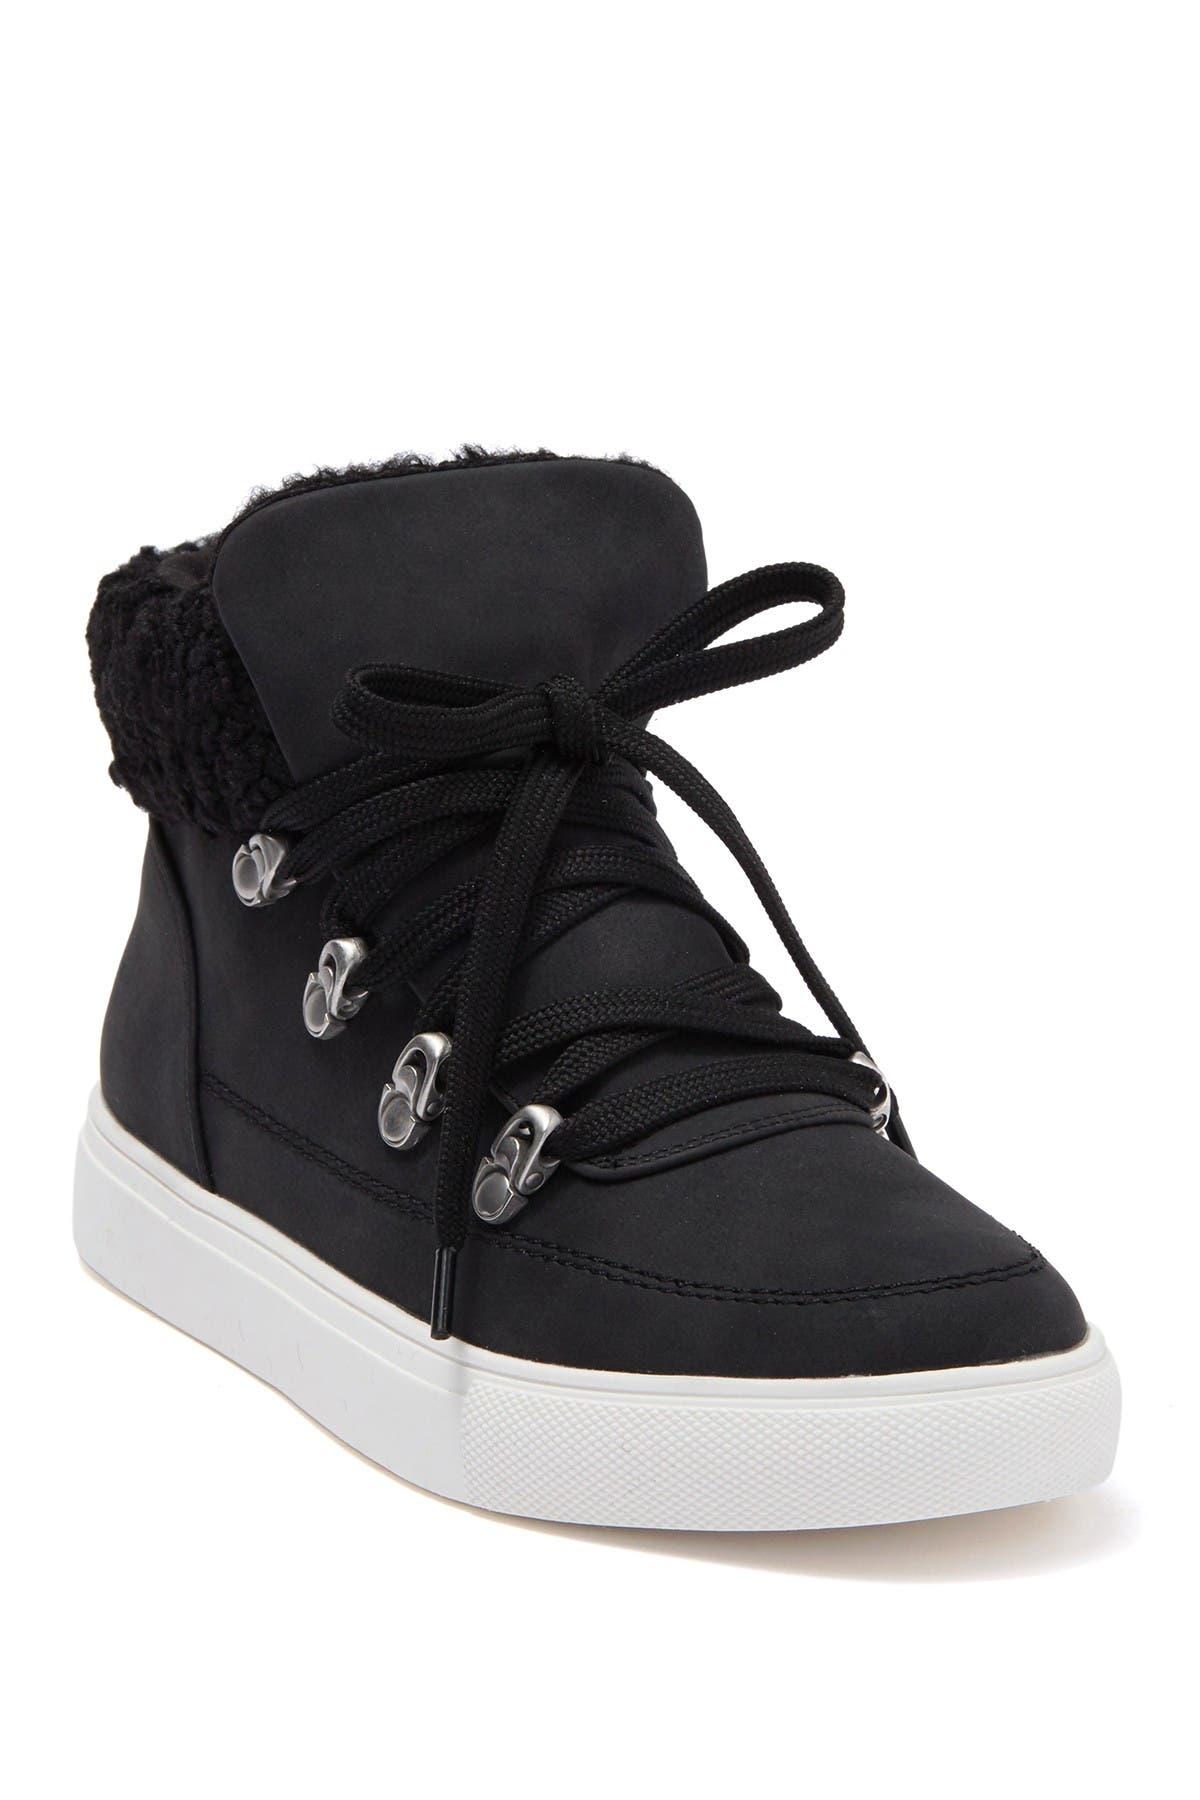 Image of Report Adair Faux Fur Sneaker